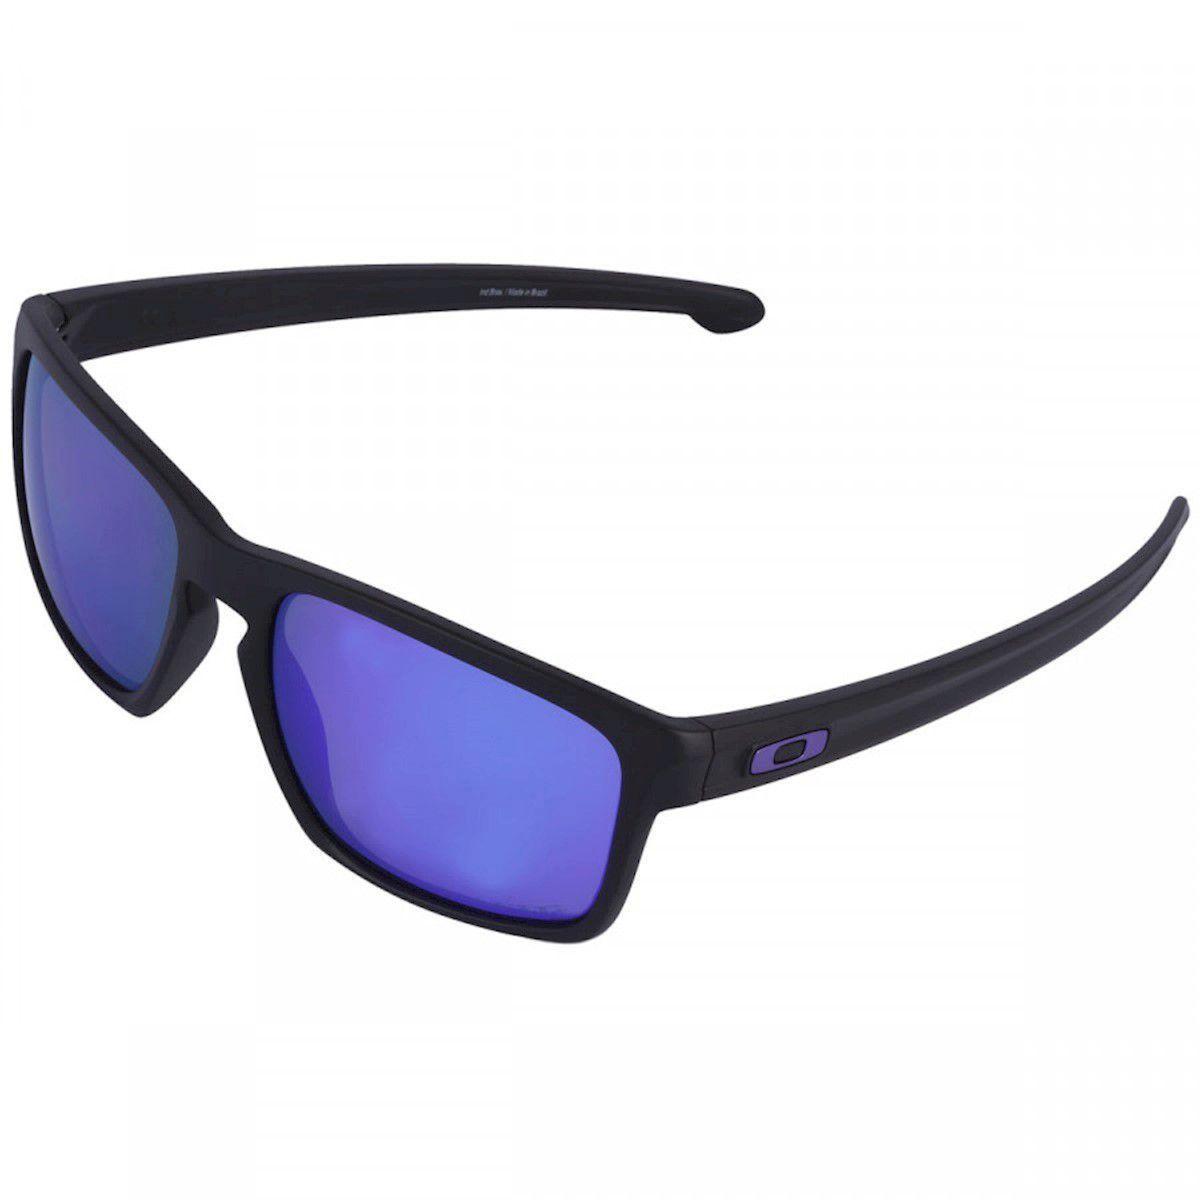 Óculos de Sol Oakley Sliver Iridium Polarizado